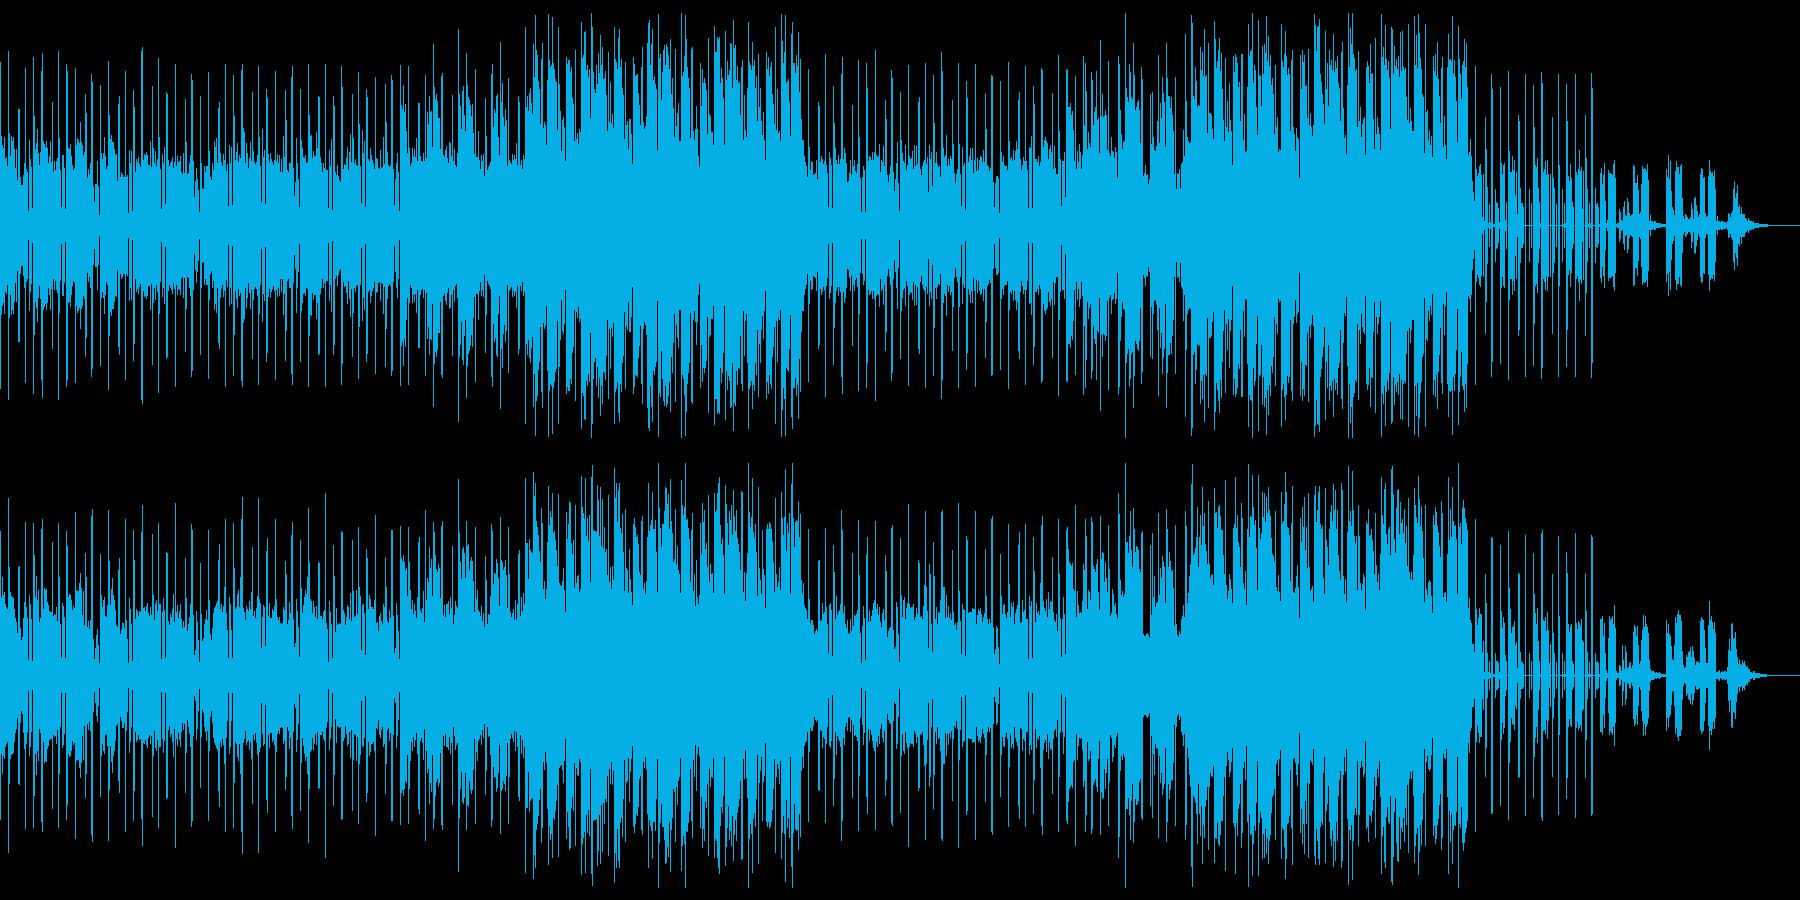 喧嘩バトル アウトロー トラップビートの再生済みの波形